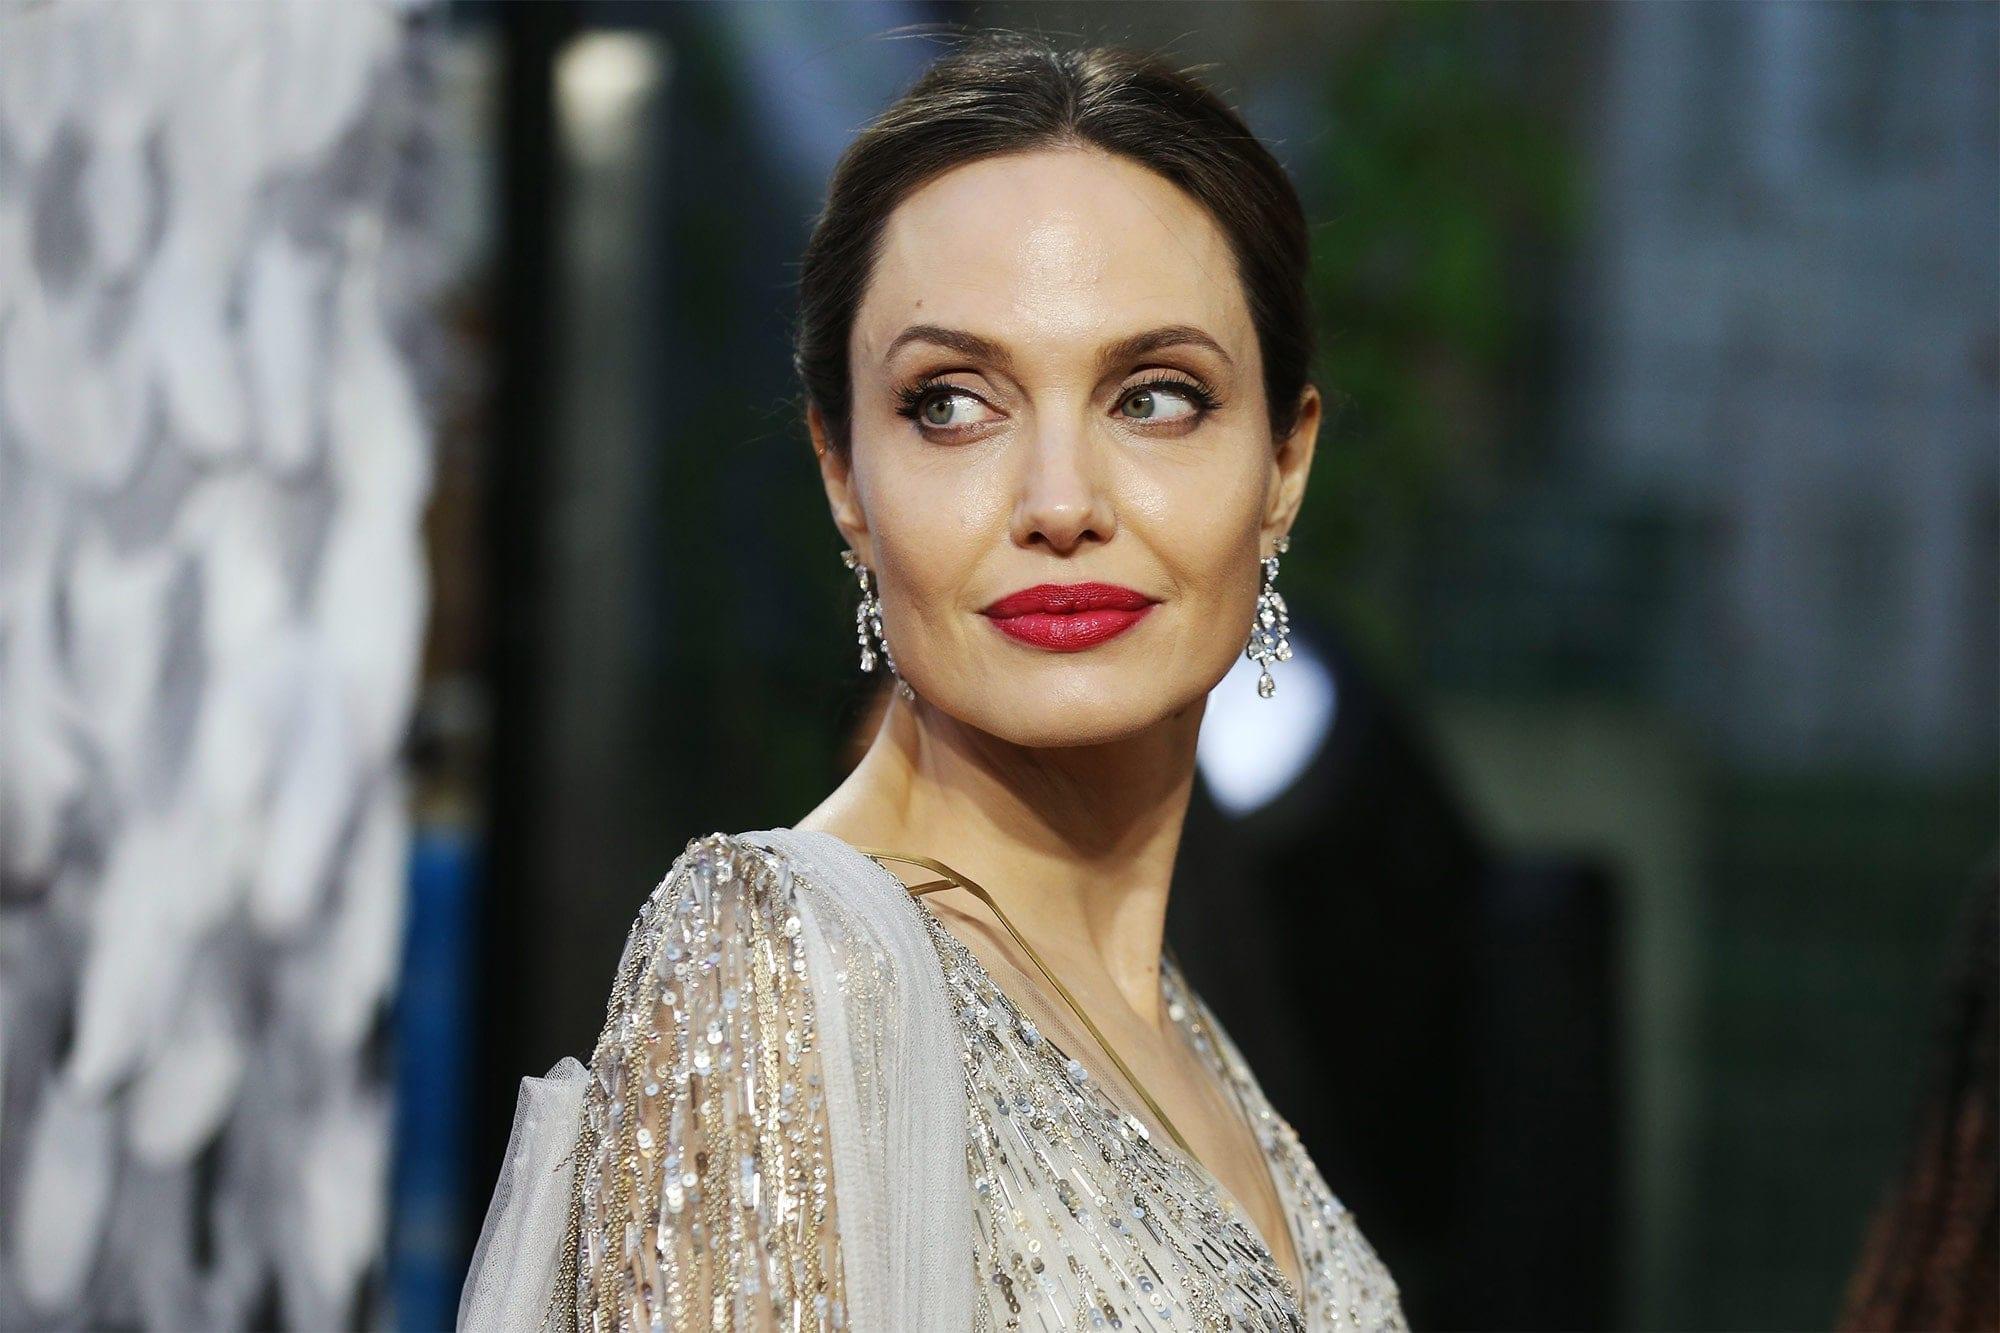 Анджелина Джоли иКристоф Вальц сыграют вдраме «Каждая сыгранная нота»